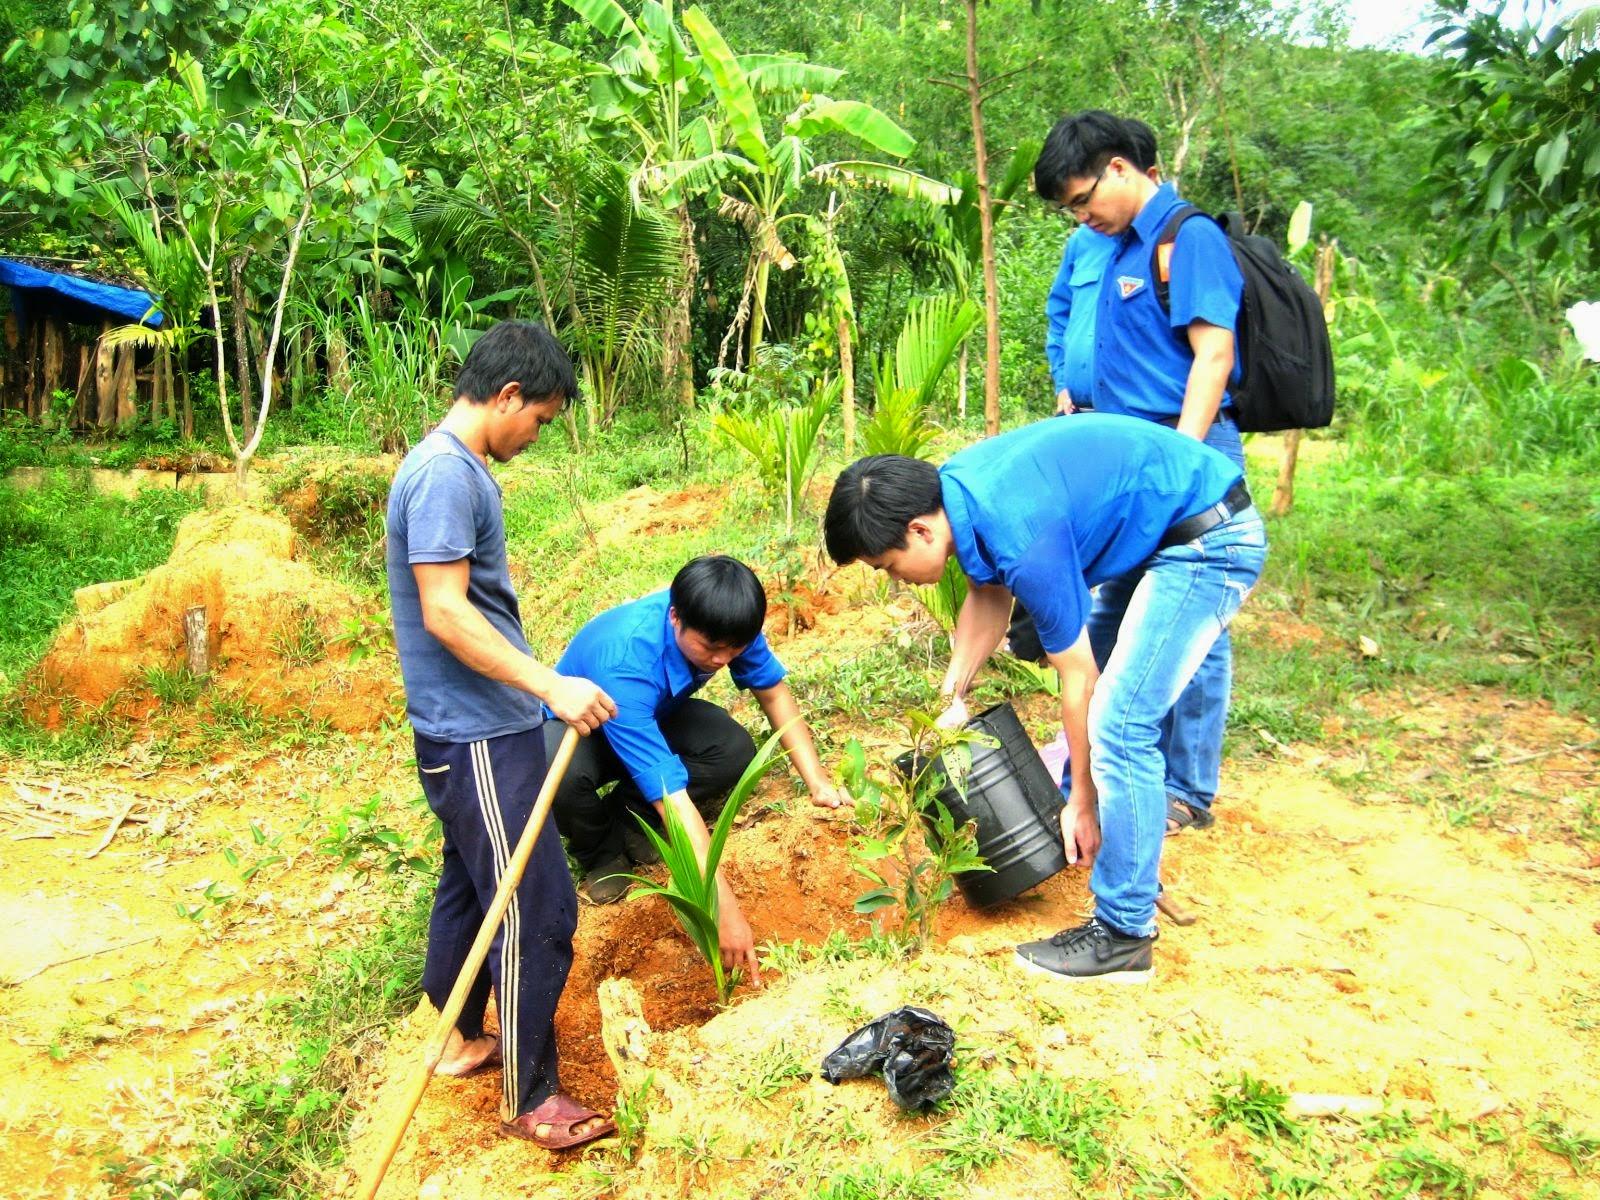 Đoàn Khối các cơ quan tỉnh tổ chức hoạt động tình nguyện tại huyện An Lão